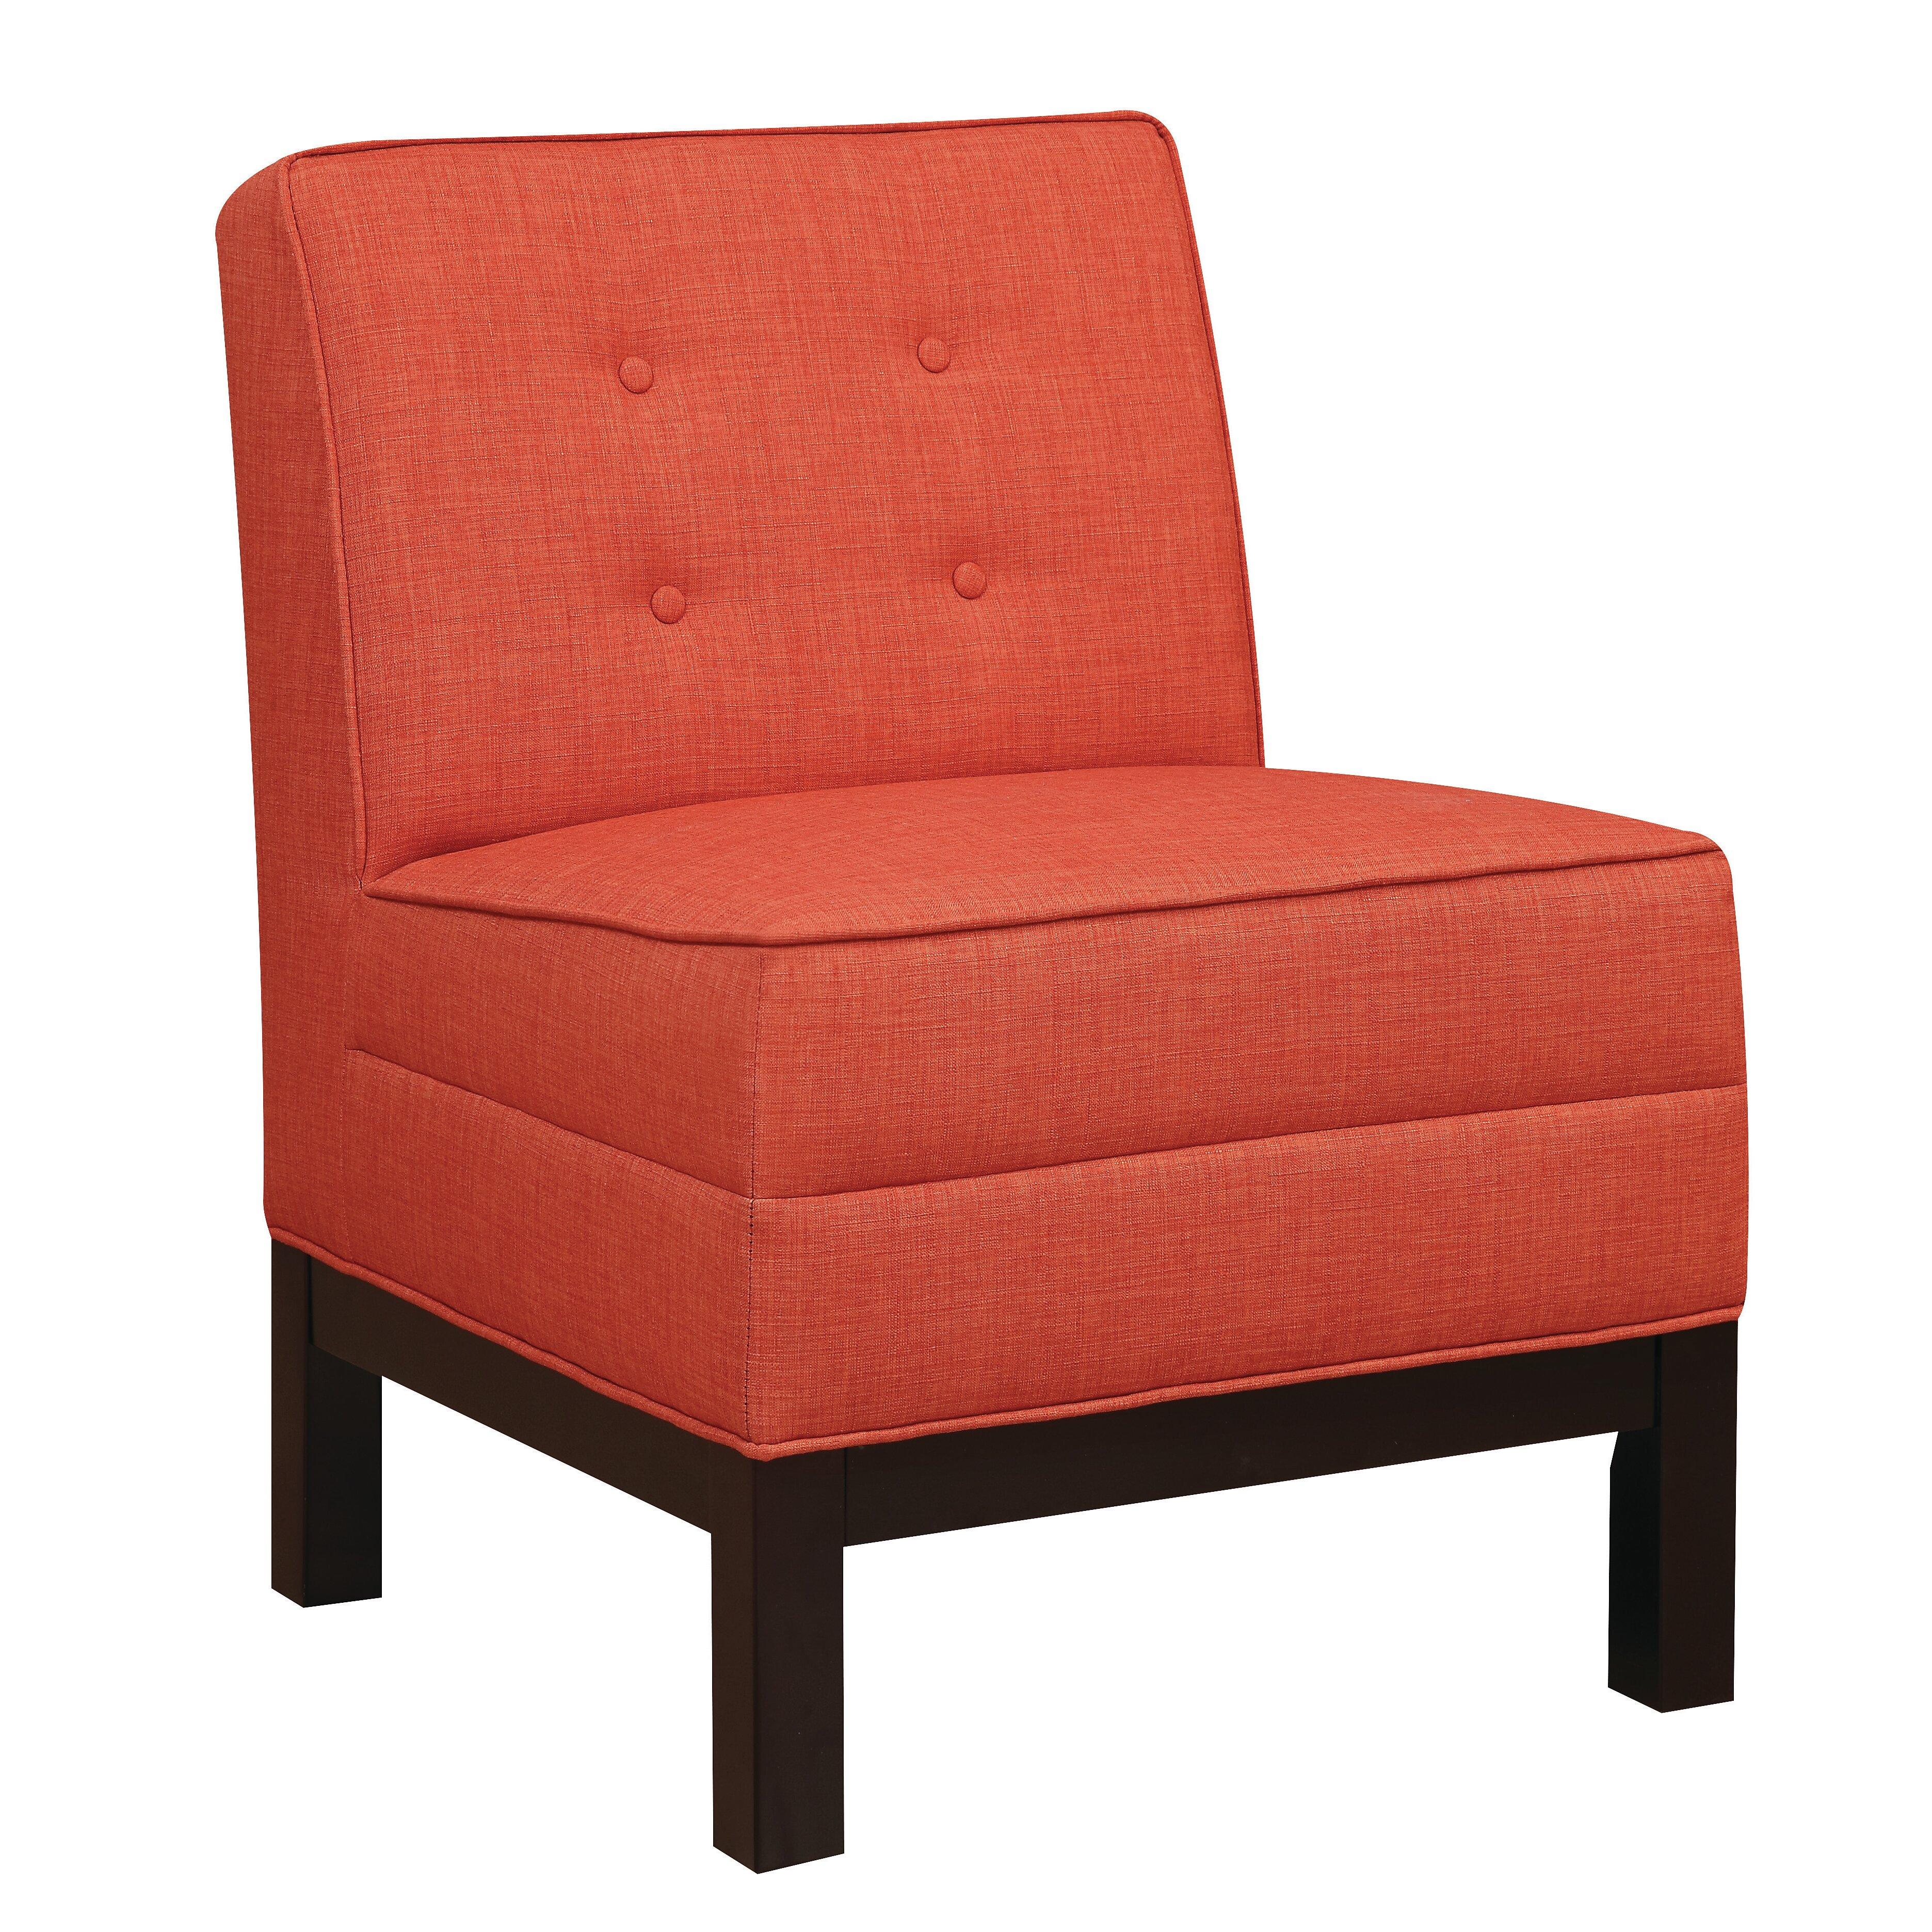 Donny osmond slipper chair reviews wayfair for Slipper chair